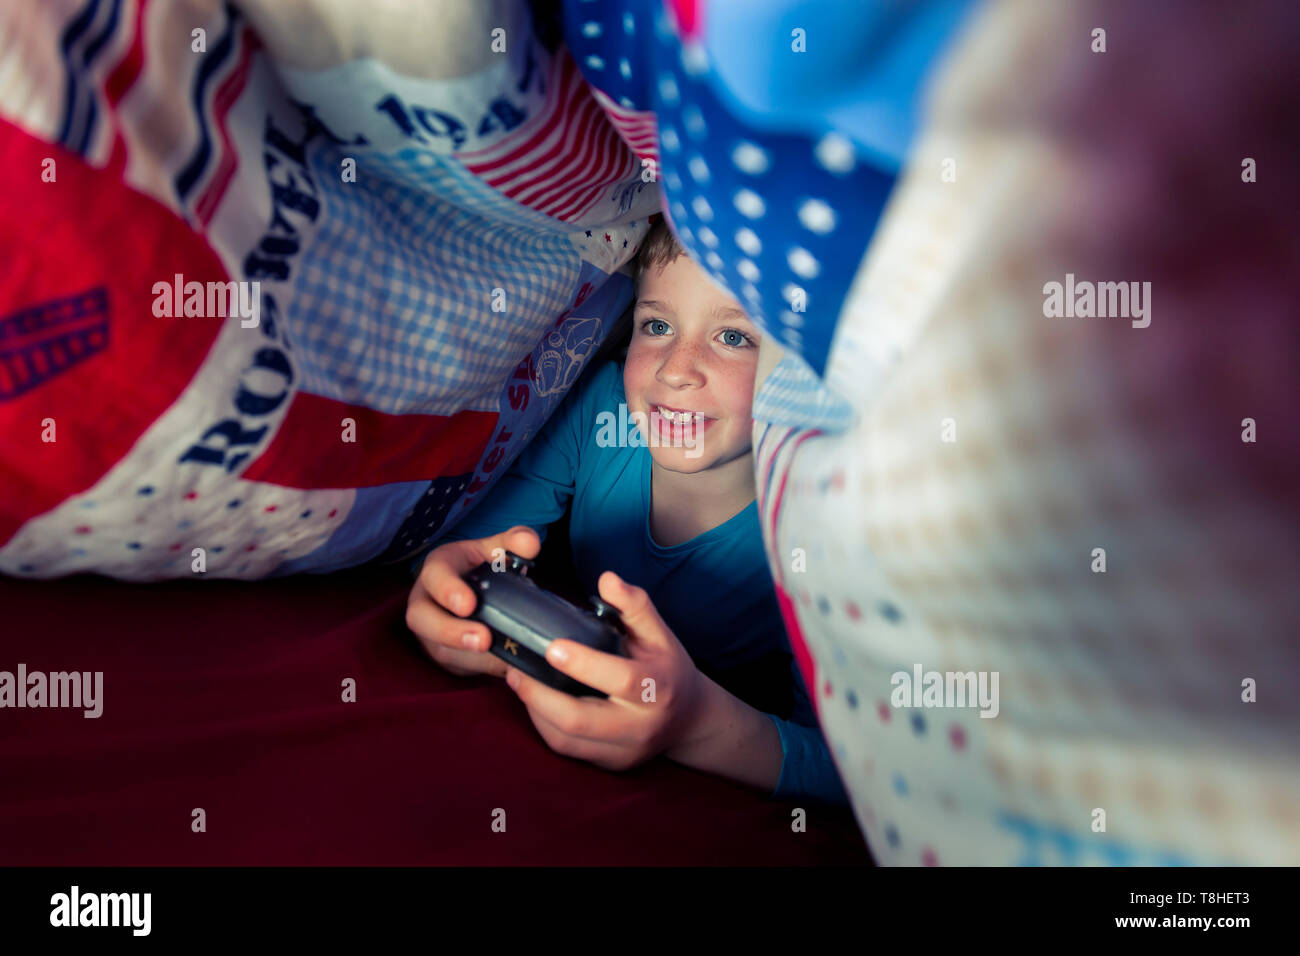 El muchacho, de 8 años, sectretly jugando un juego de ordenador en la cama Foto de stock